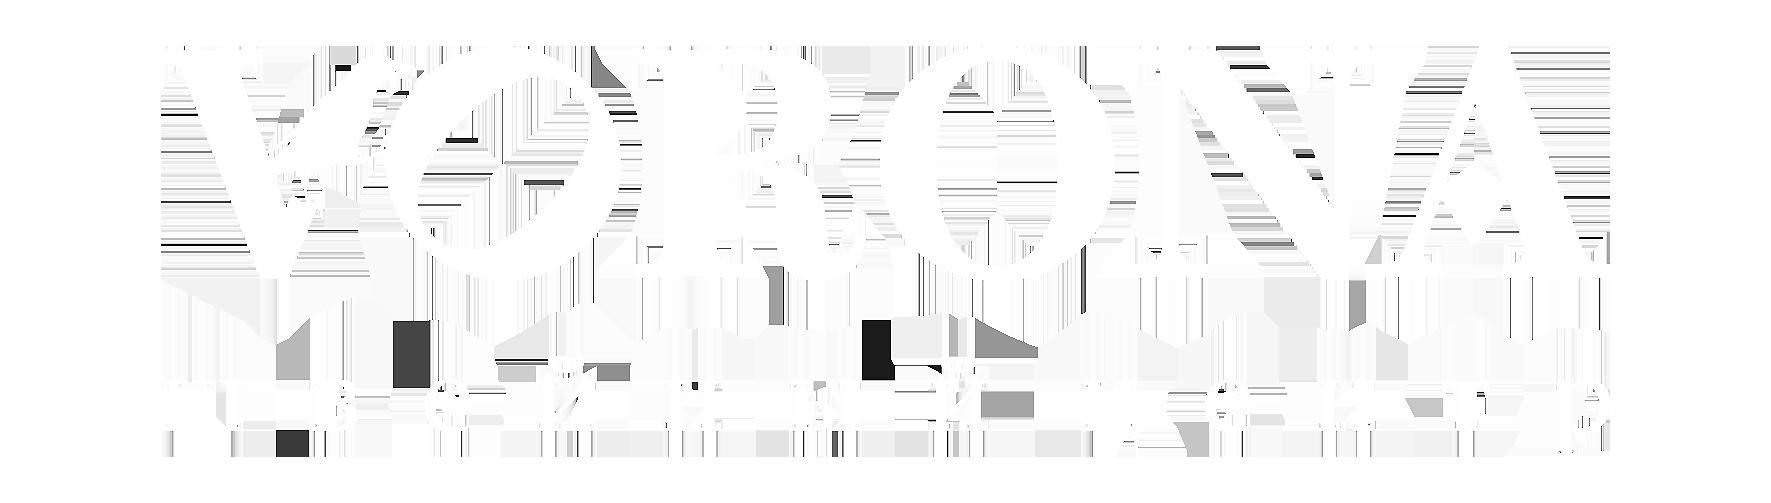 Швейный центр Ворона